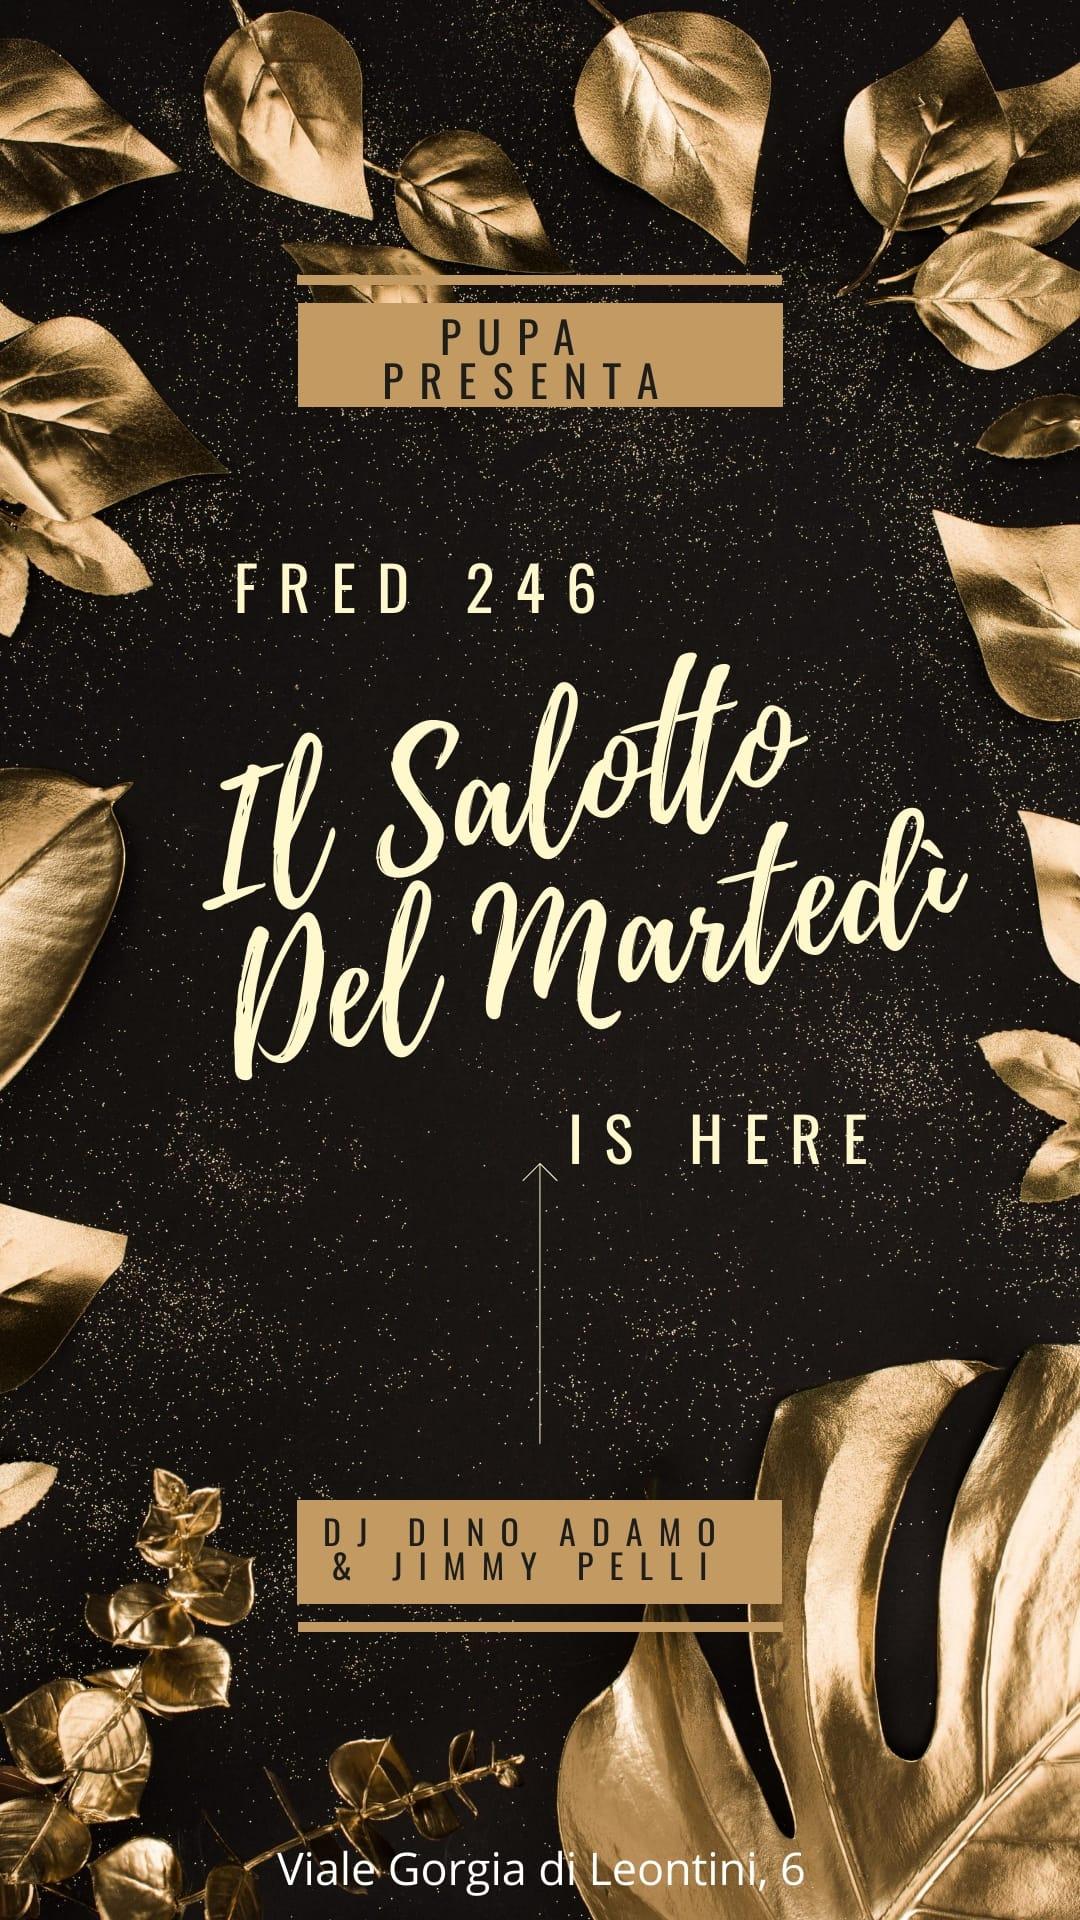 Fred 246 Casal Palocco martedì 7 luglio 2020